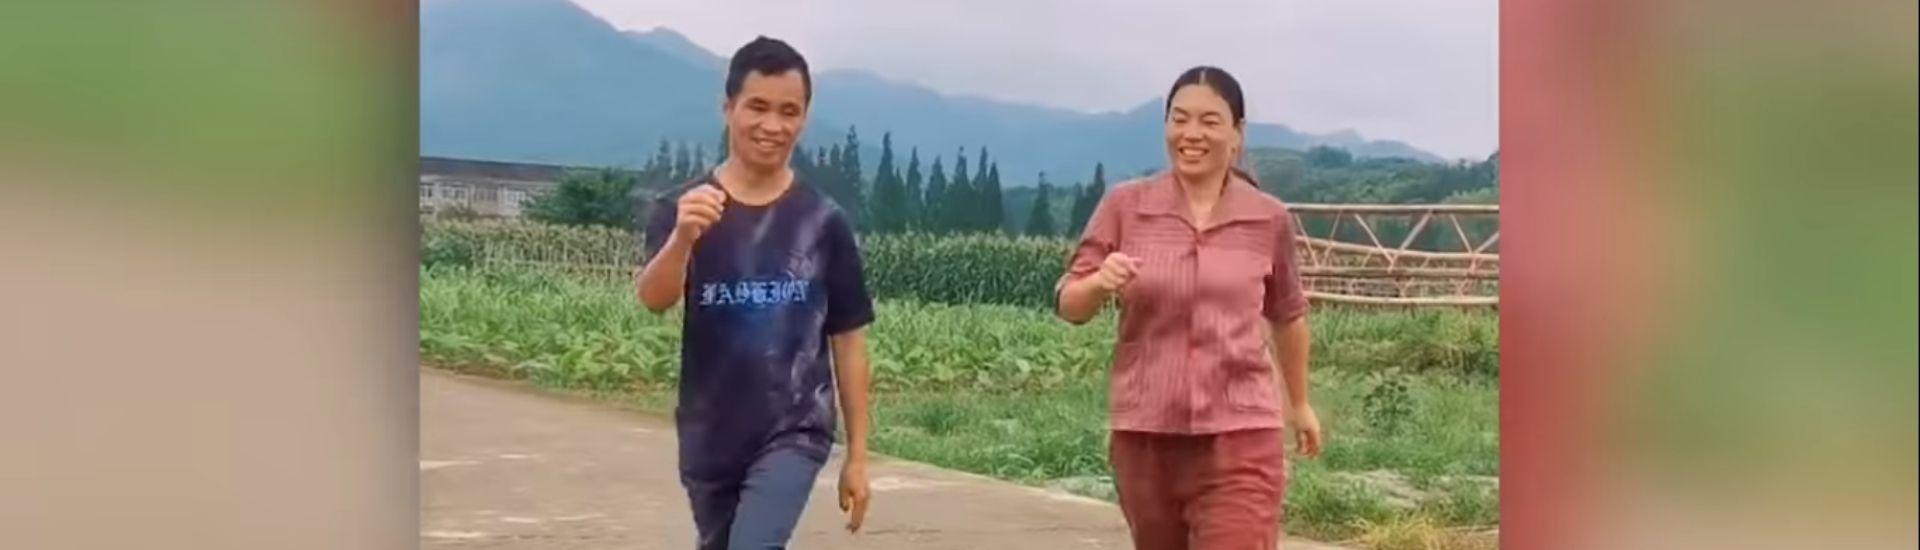 Captura pantalla de director bailando junto a una estudiante